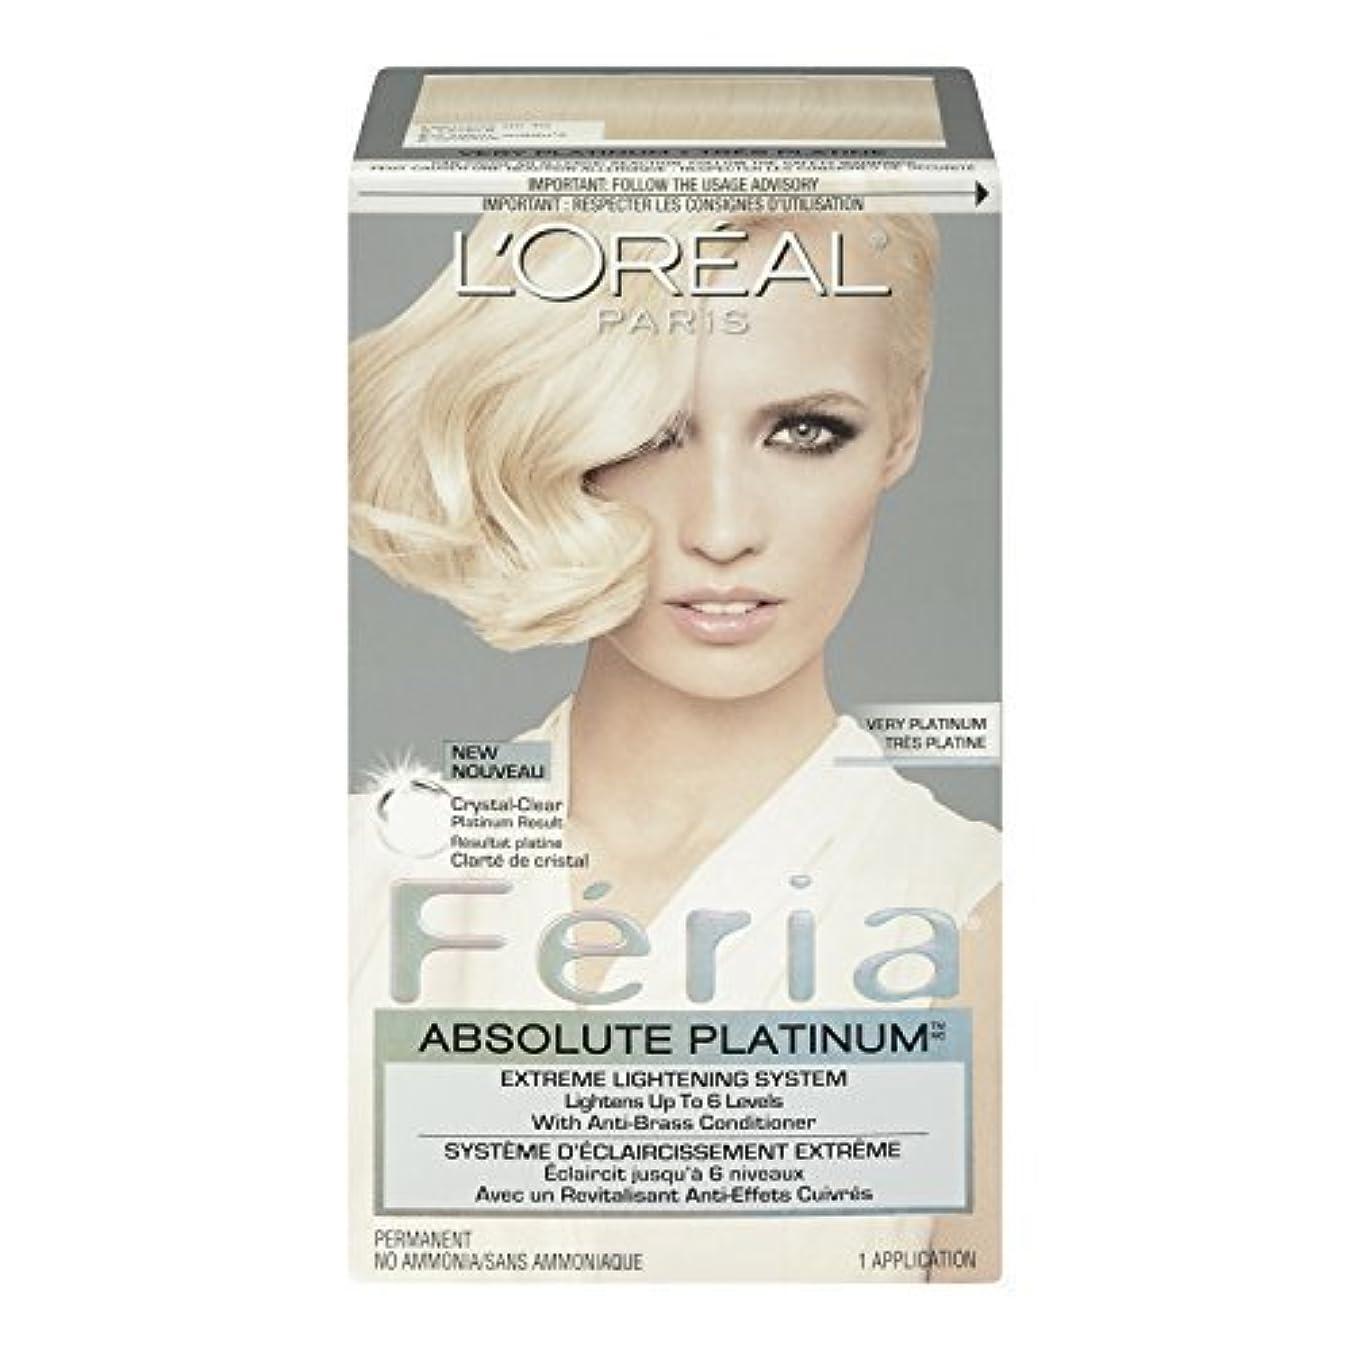 アボート提供する盲信L'Oreal Feria Absolute Platinums Hair Color, Very Platinum by L'Oreal Paris Hair Color [並行輸入品]